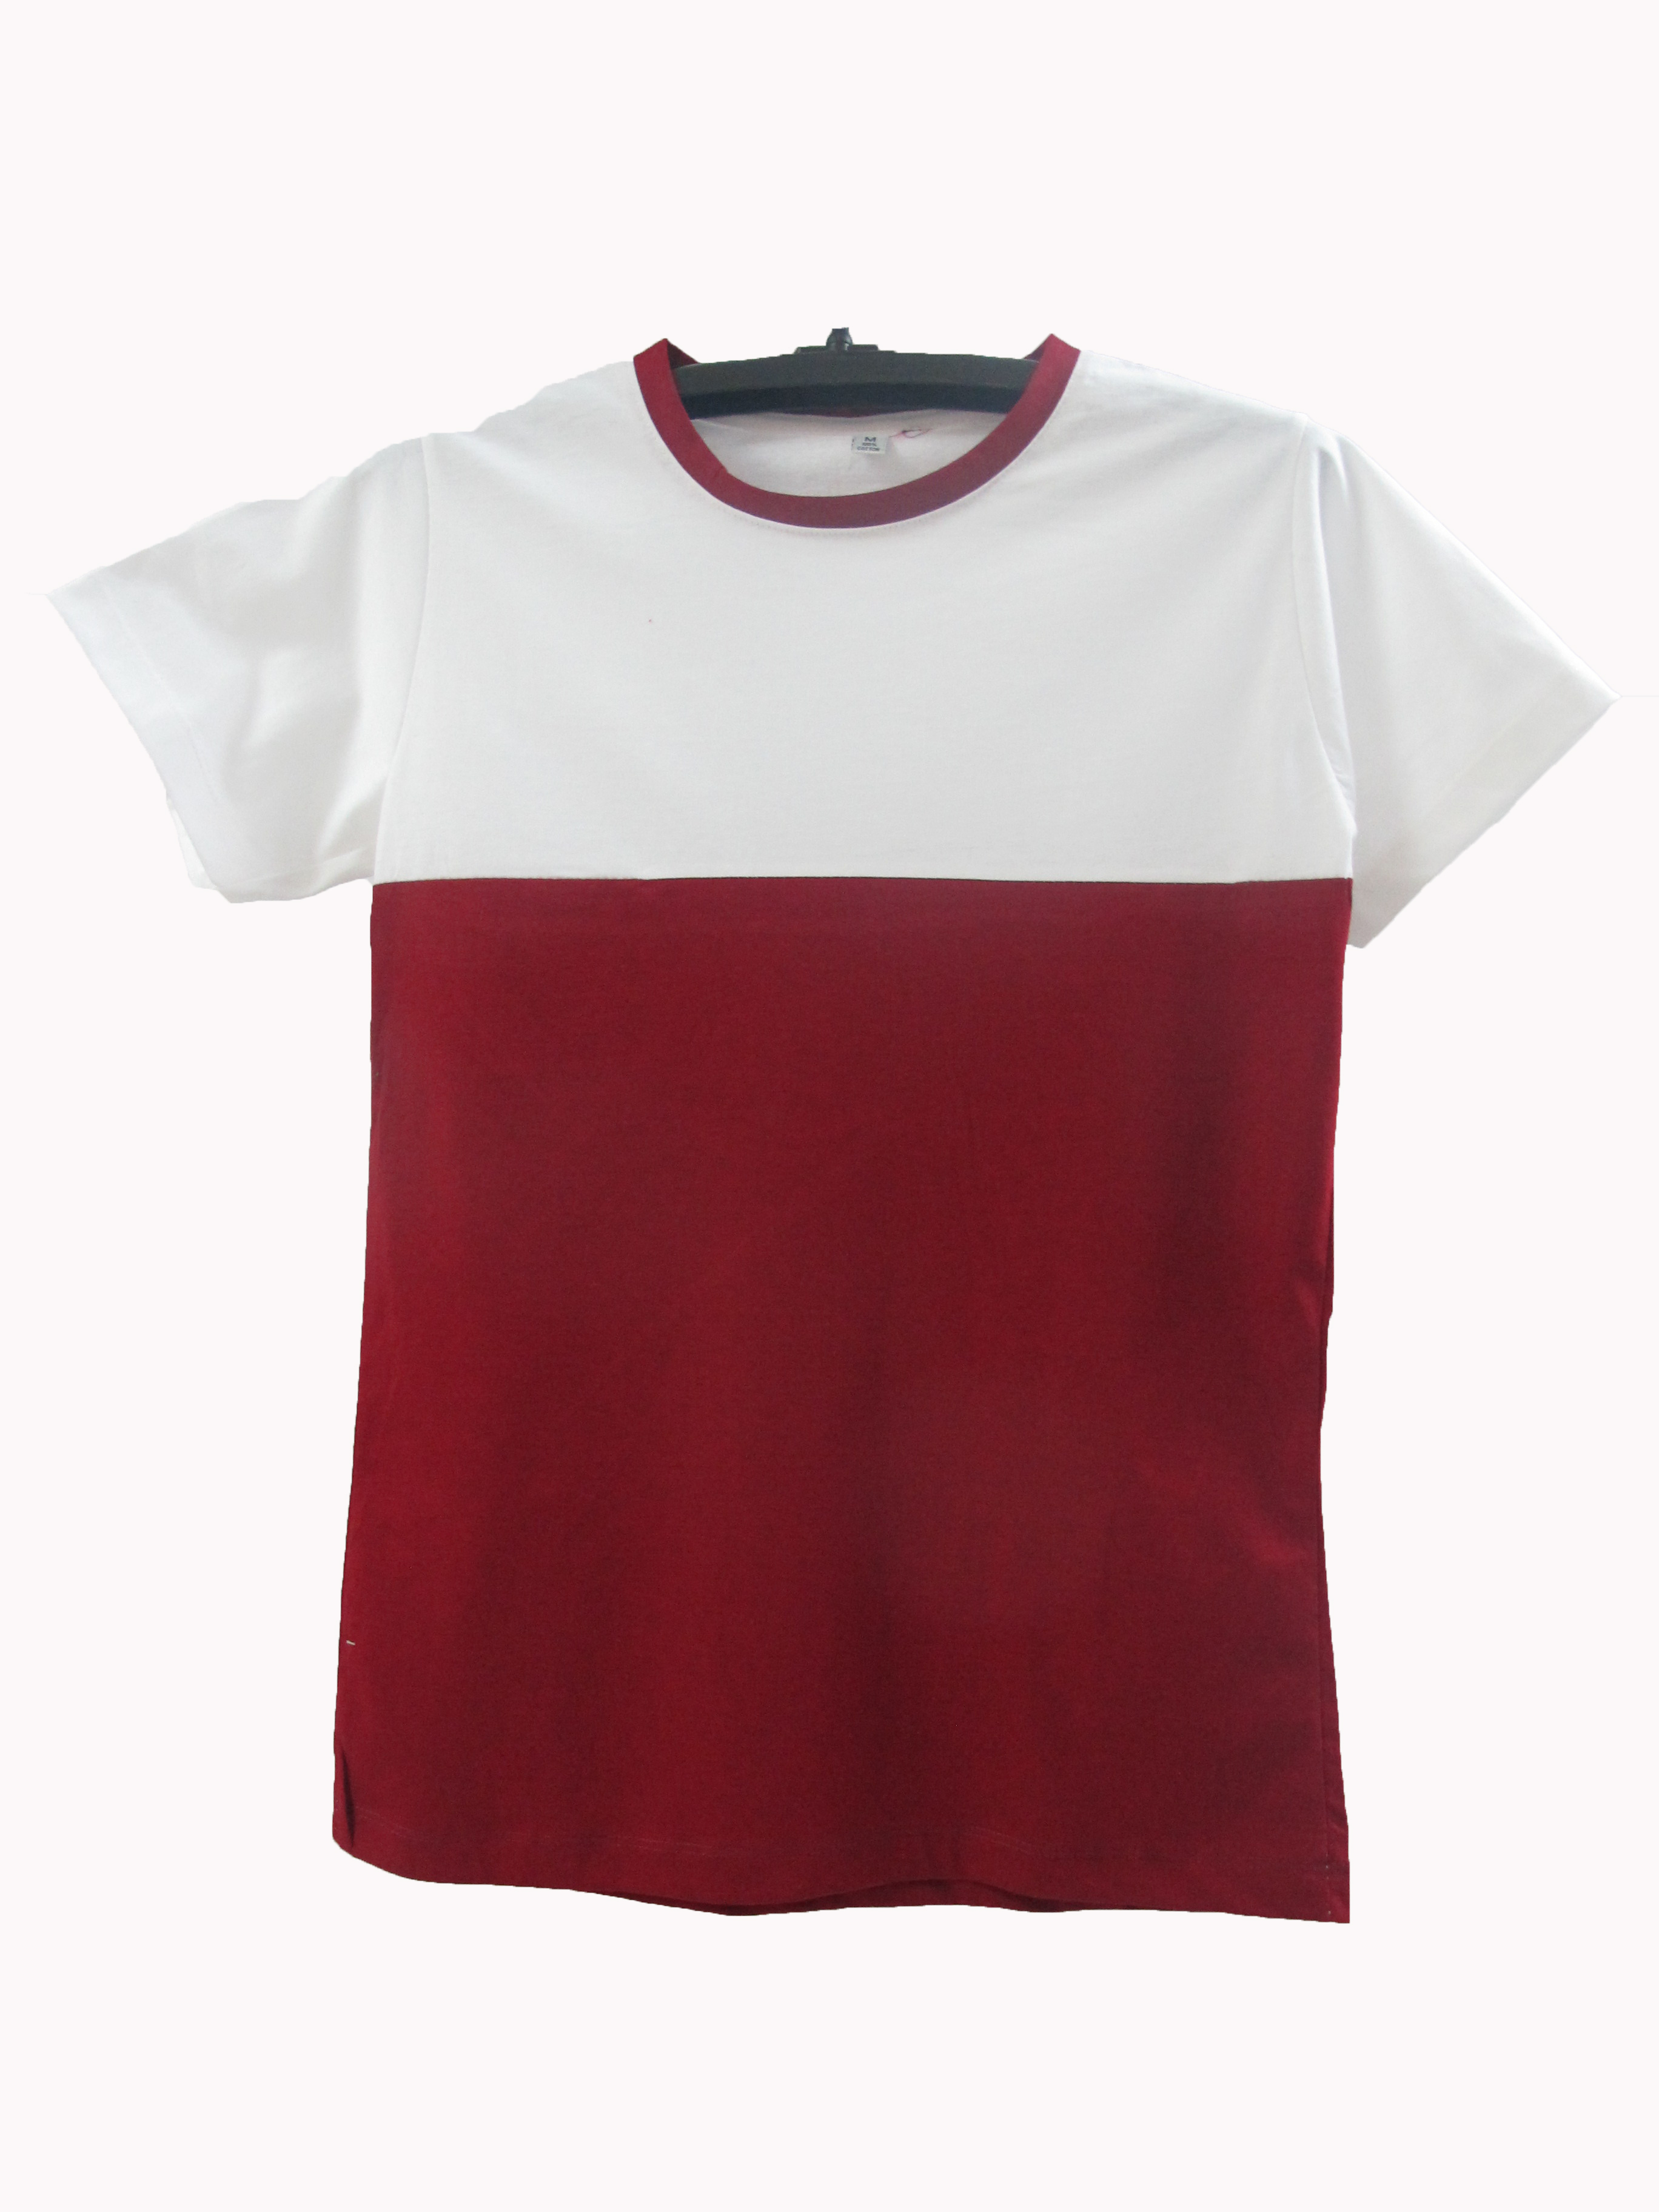 เสื้อตัดต่อข้างบนขาวข้างล่างสี สีเลือดหมู